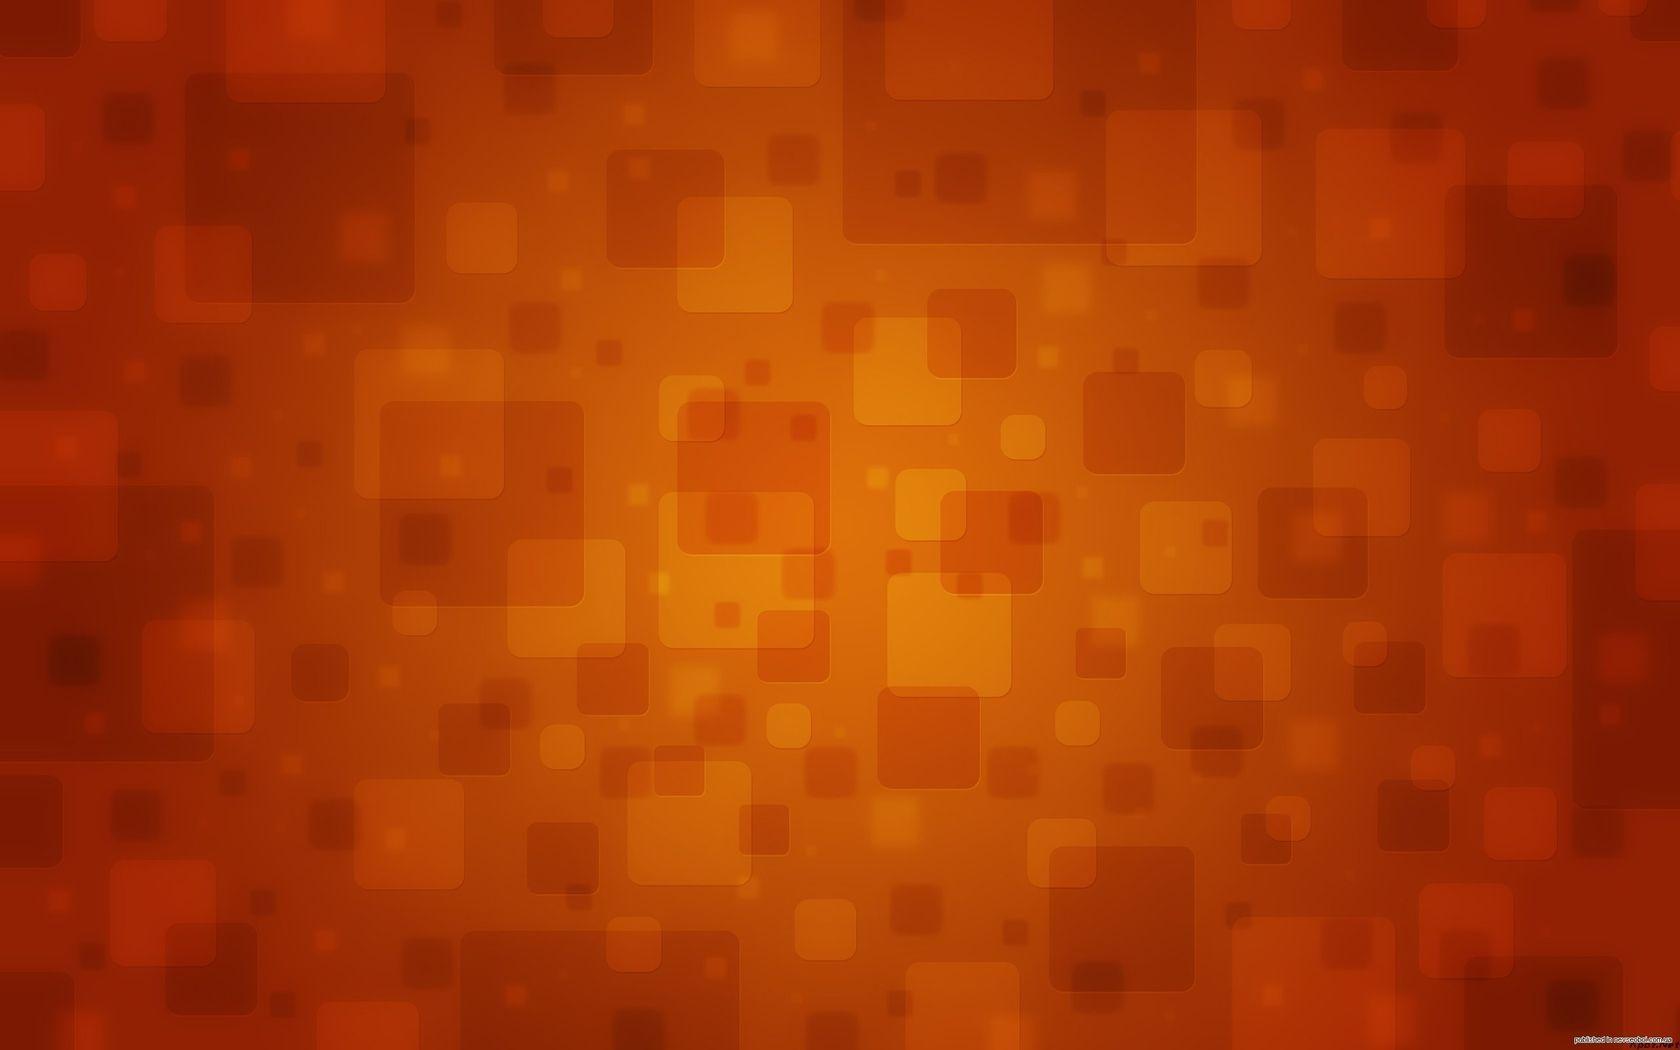 Descargar Gratis Naranja Cuadrados Textura Color Fondos De